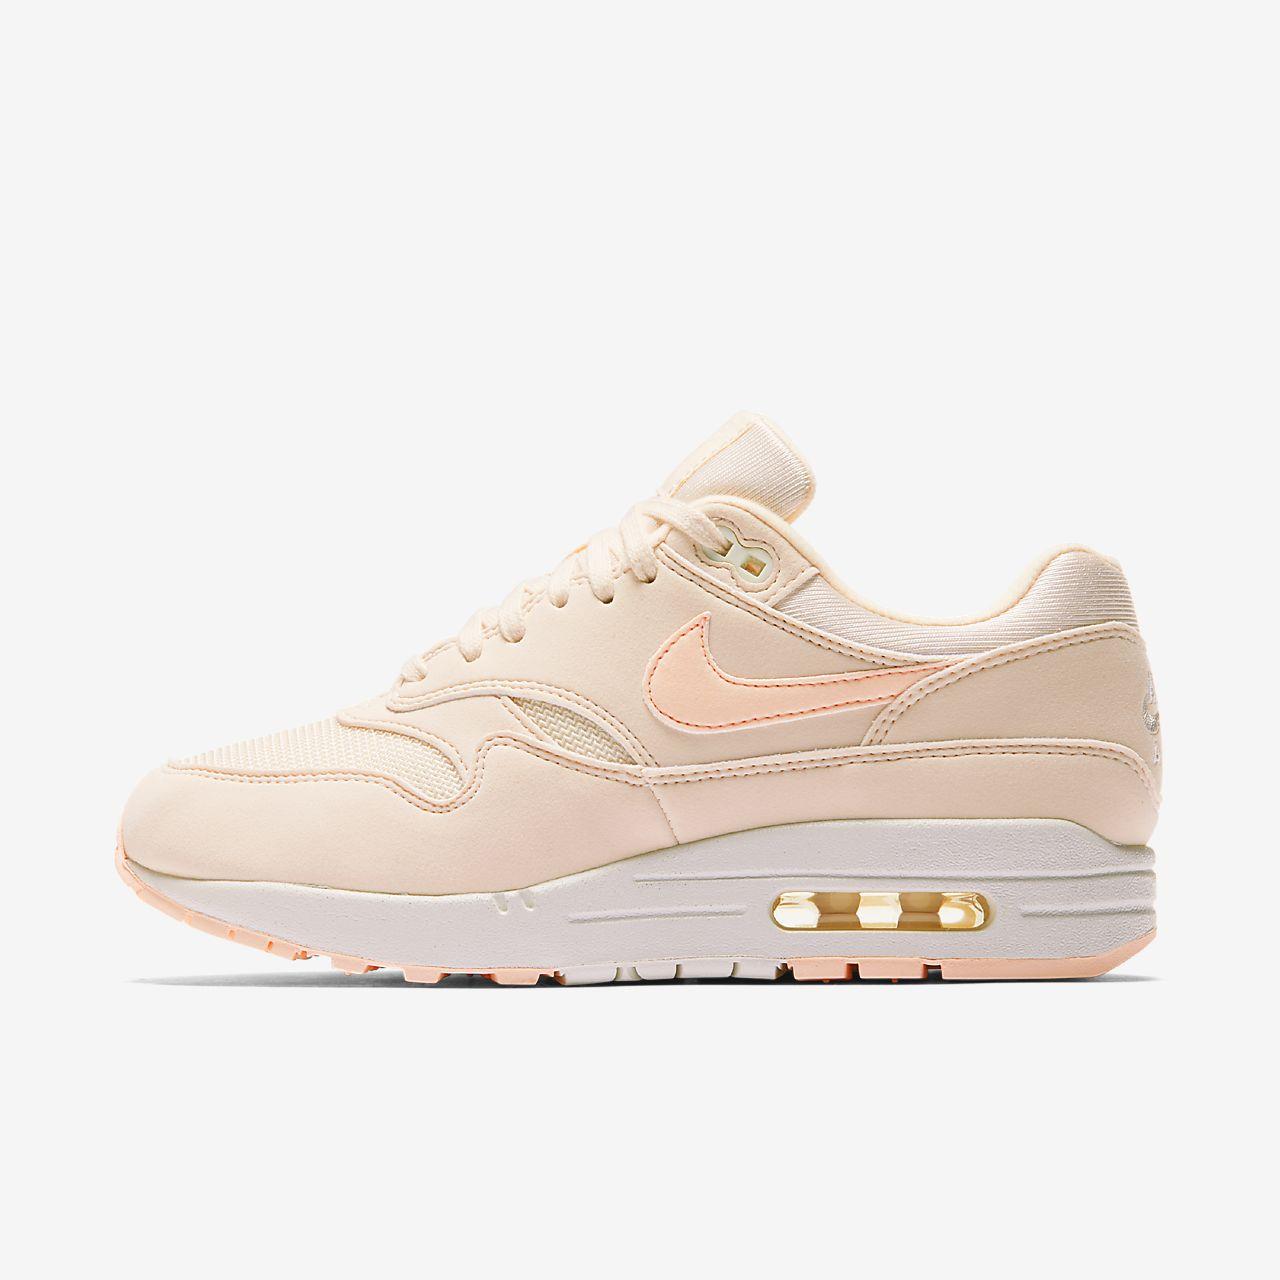 Nike Air Max 1 Kadın Ayakkabısı